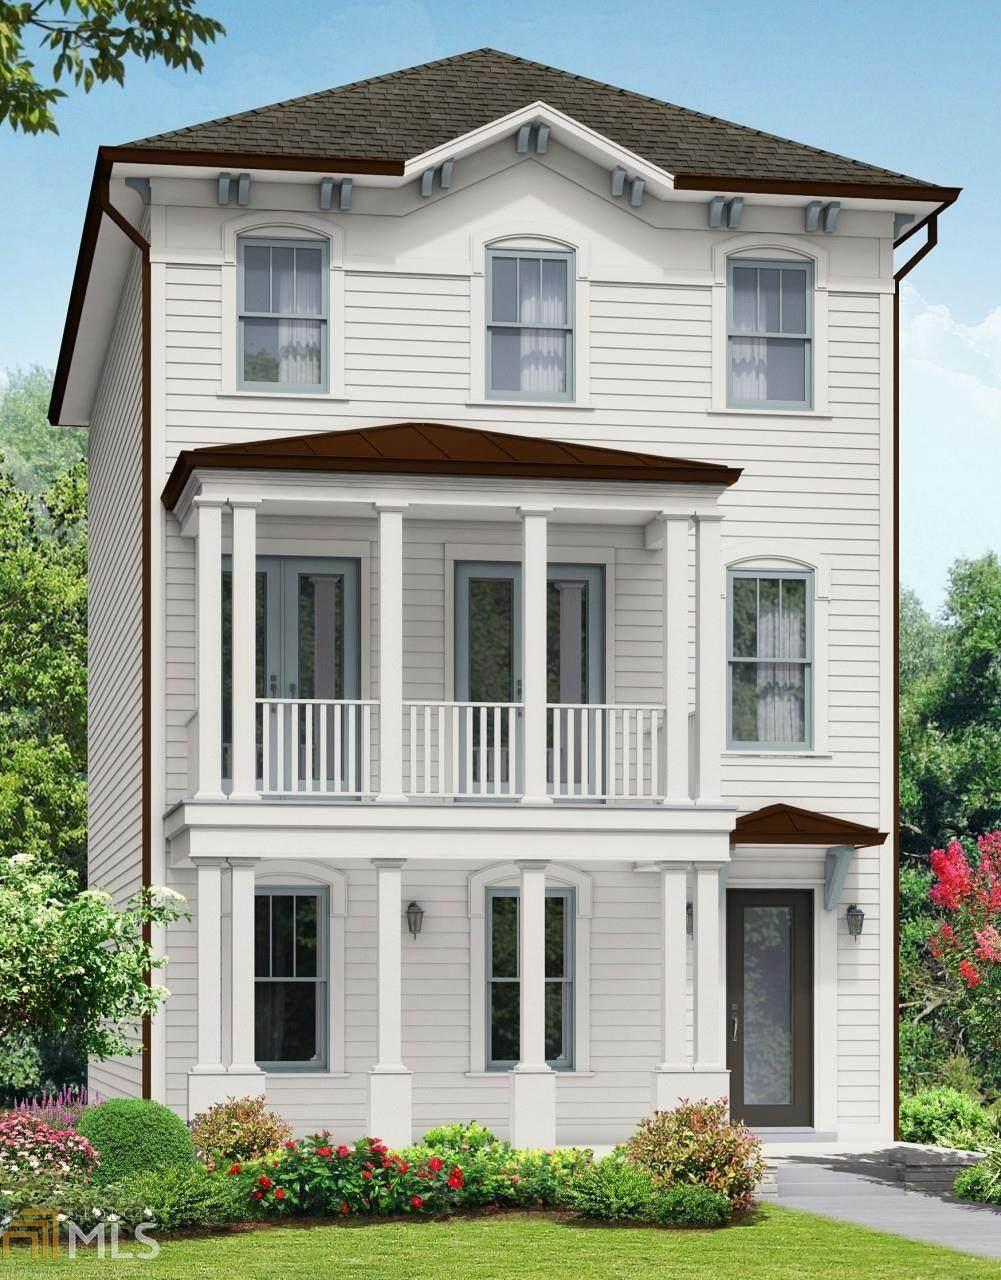 140 Villa Magnolia Ln - Photo 1